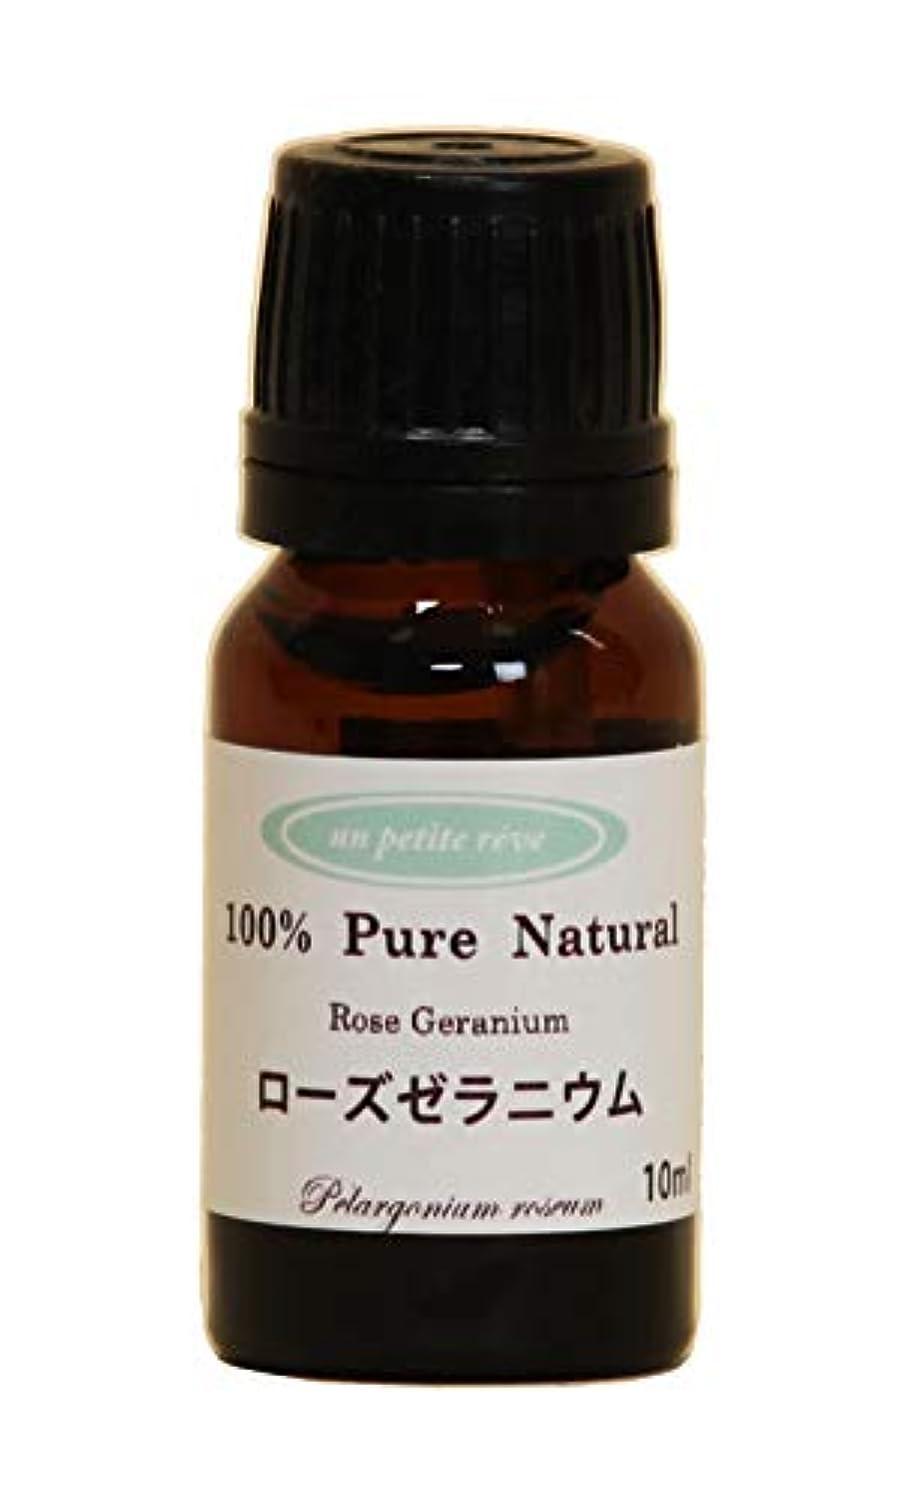 重荷ミント不均一ローズゼラニウム 10ml 100%天然アロマエッセンシャルオイル(精油)